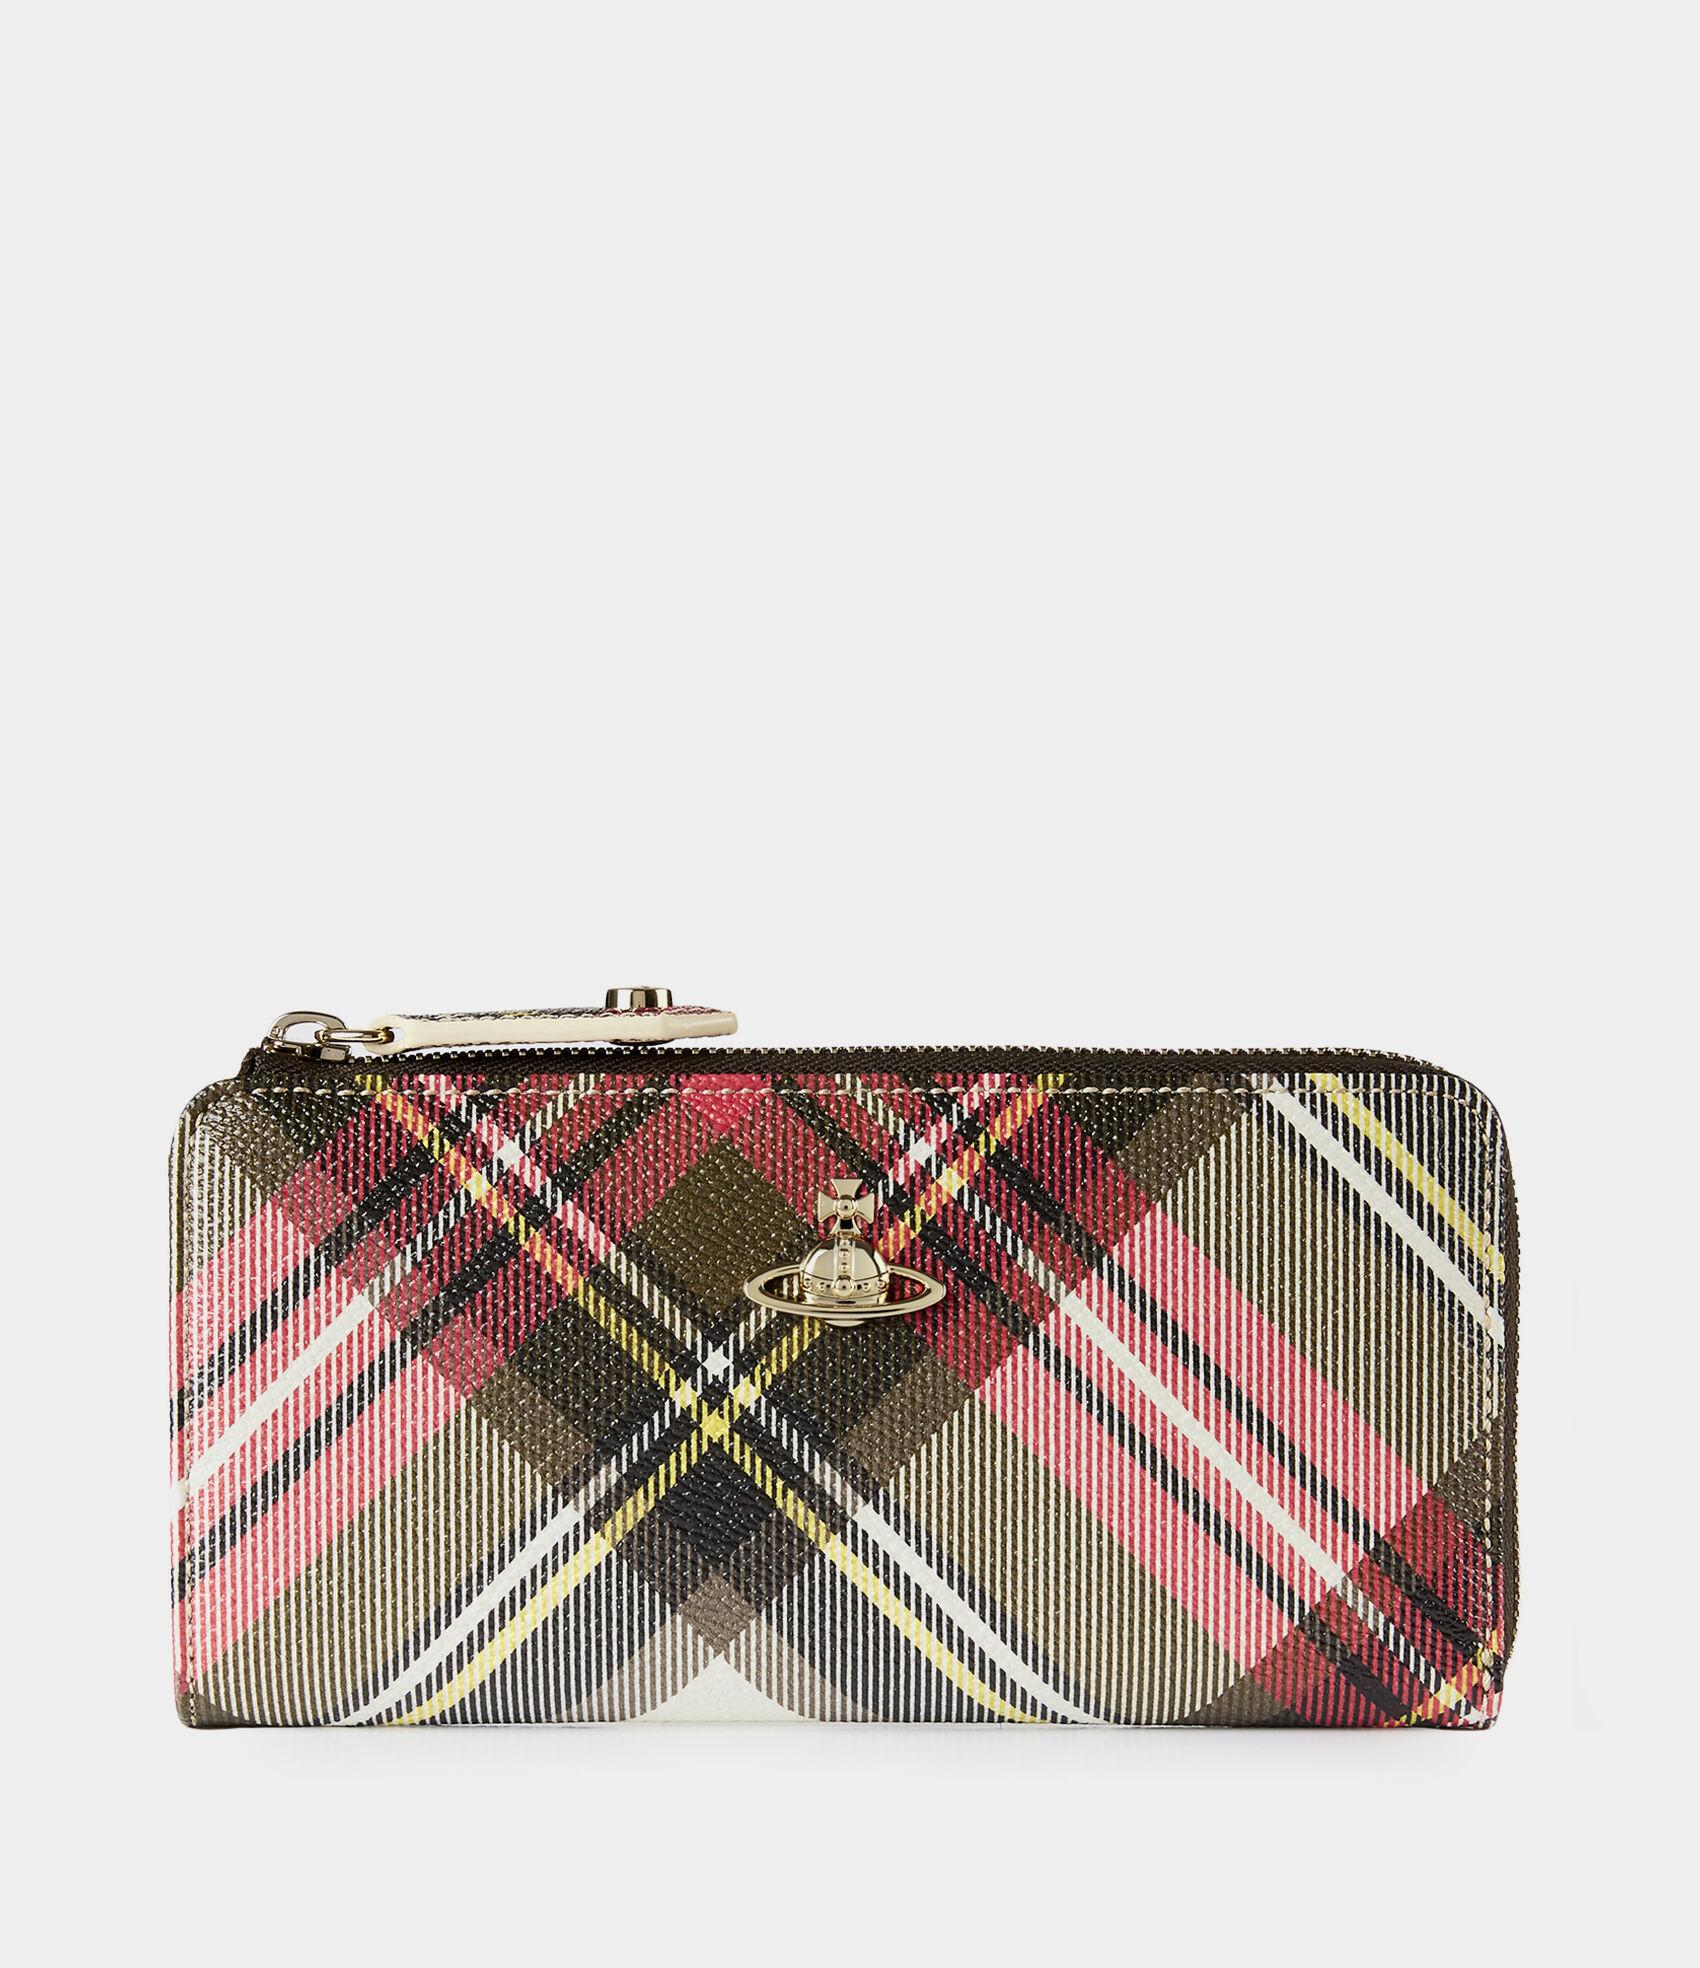 bda63dc63e Vivienne Westwood Women's Designer Wallets and Purses | Vivienne ...